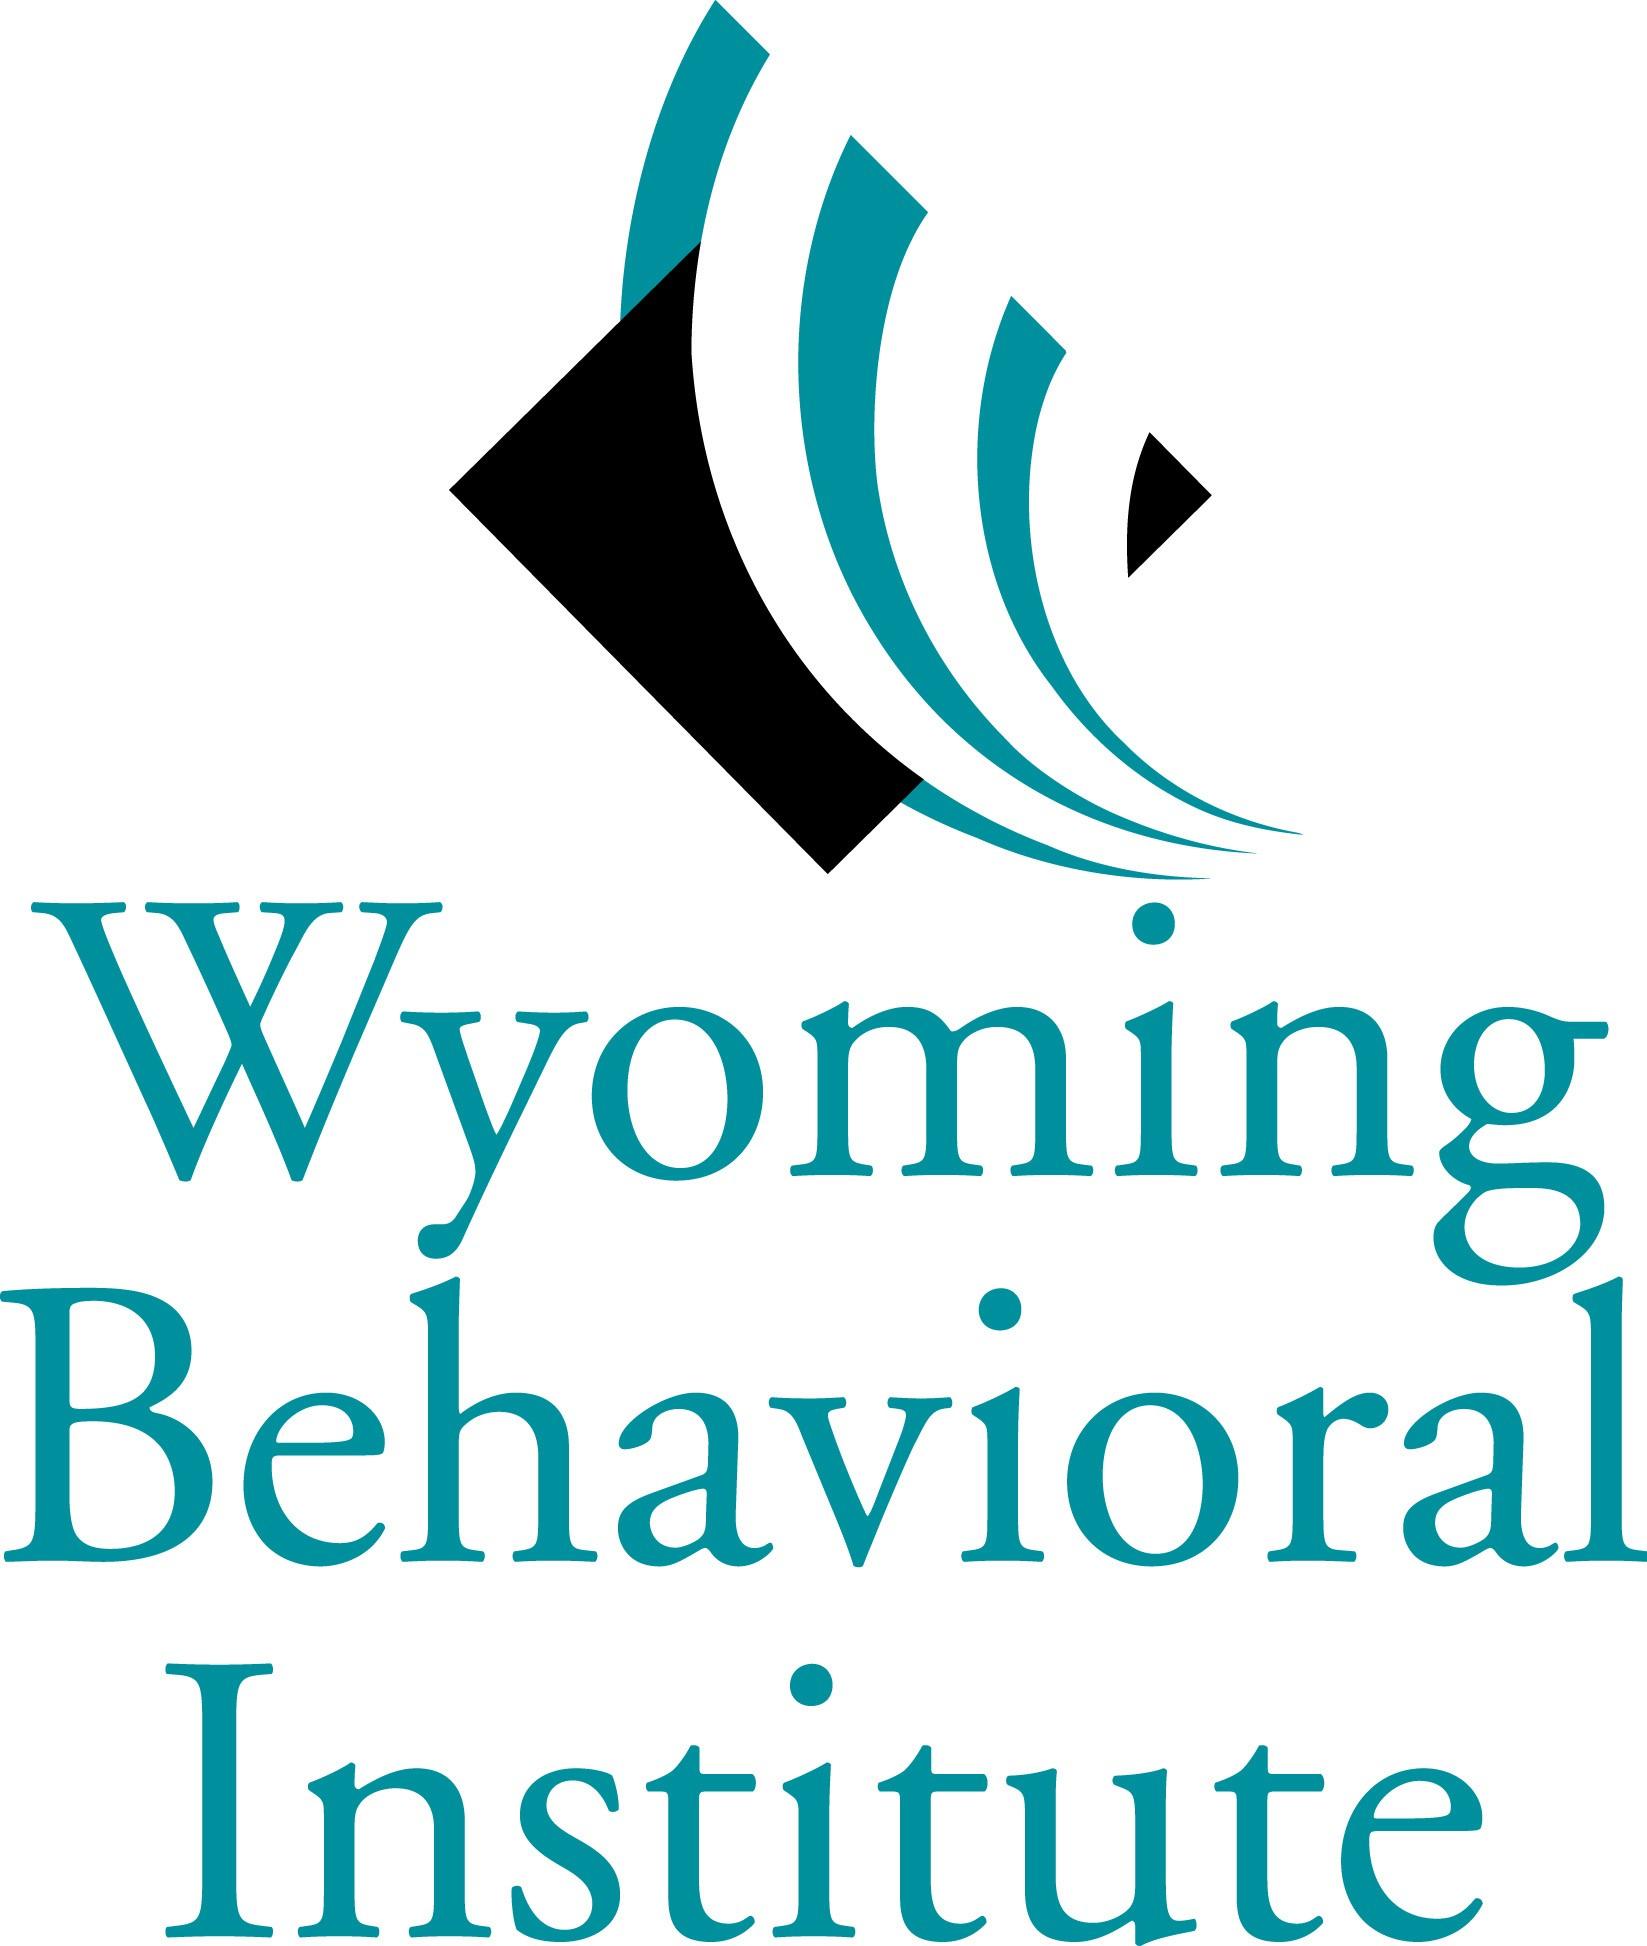 Wyoming Behavioral Institute   2521 E. 15th St. Casper, WY 82609 307-237-7444   www.wbihelp.com